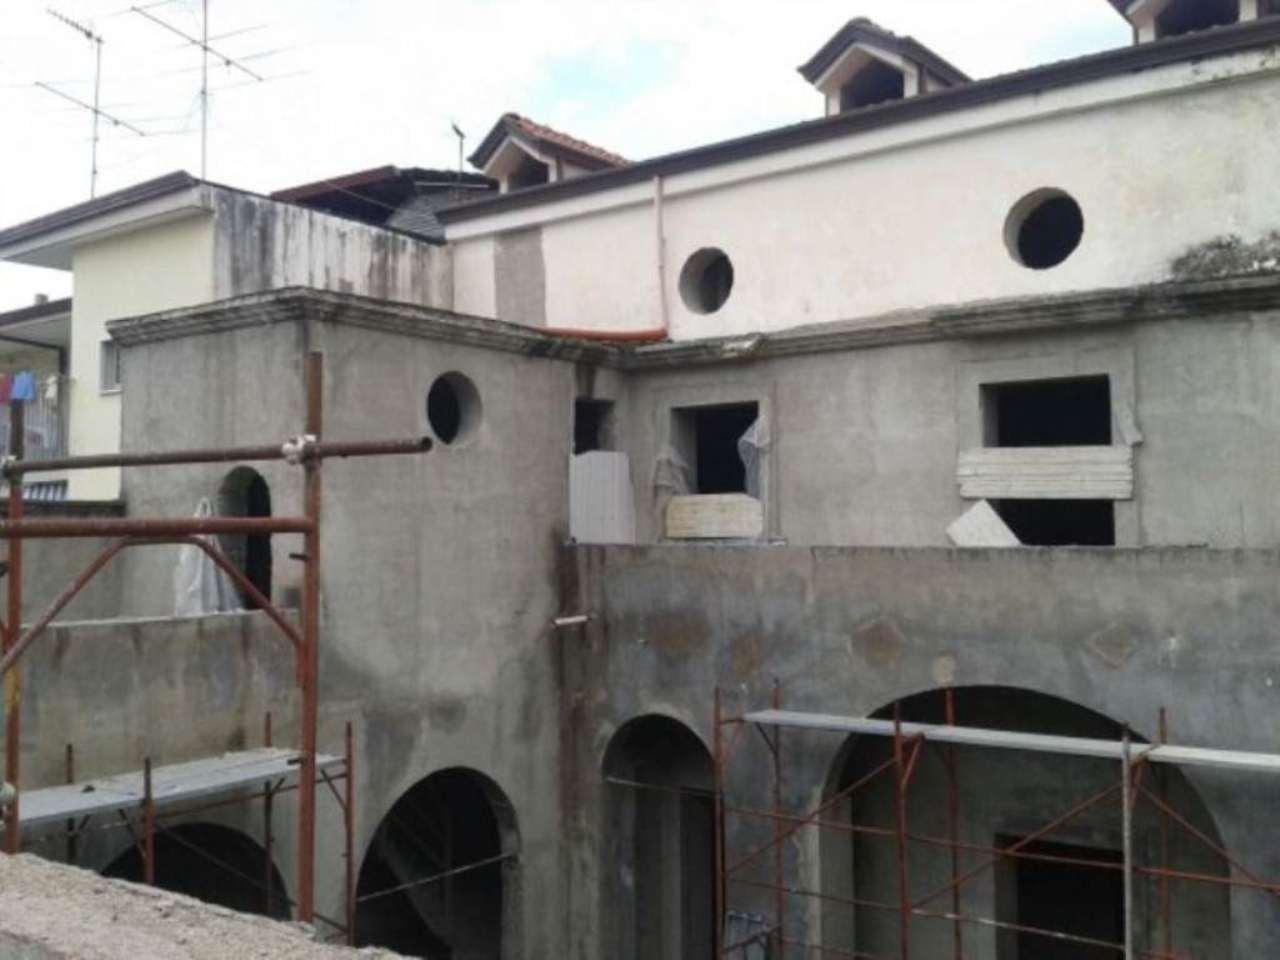 Palazzo / Stabile in vendita a Grumo Nevano, 6 locali, prezzo € 250.000 | Cambio Casa.it